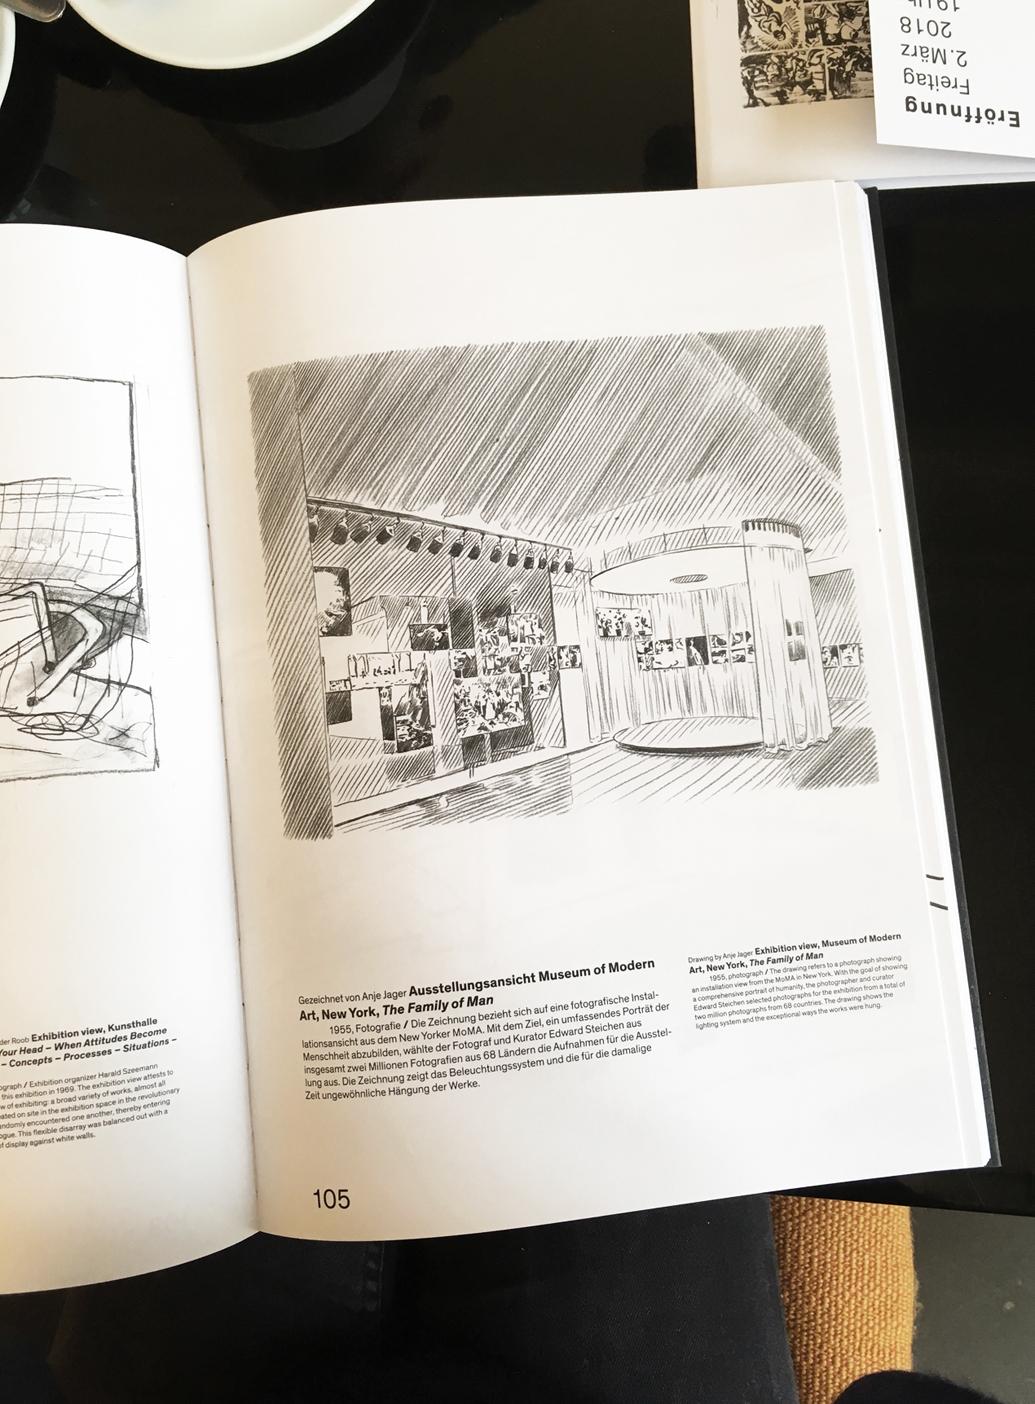 Bad En kunsthalle baden baden anje jager direction graphic design